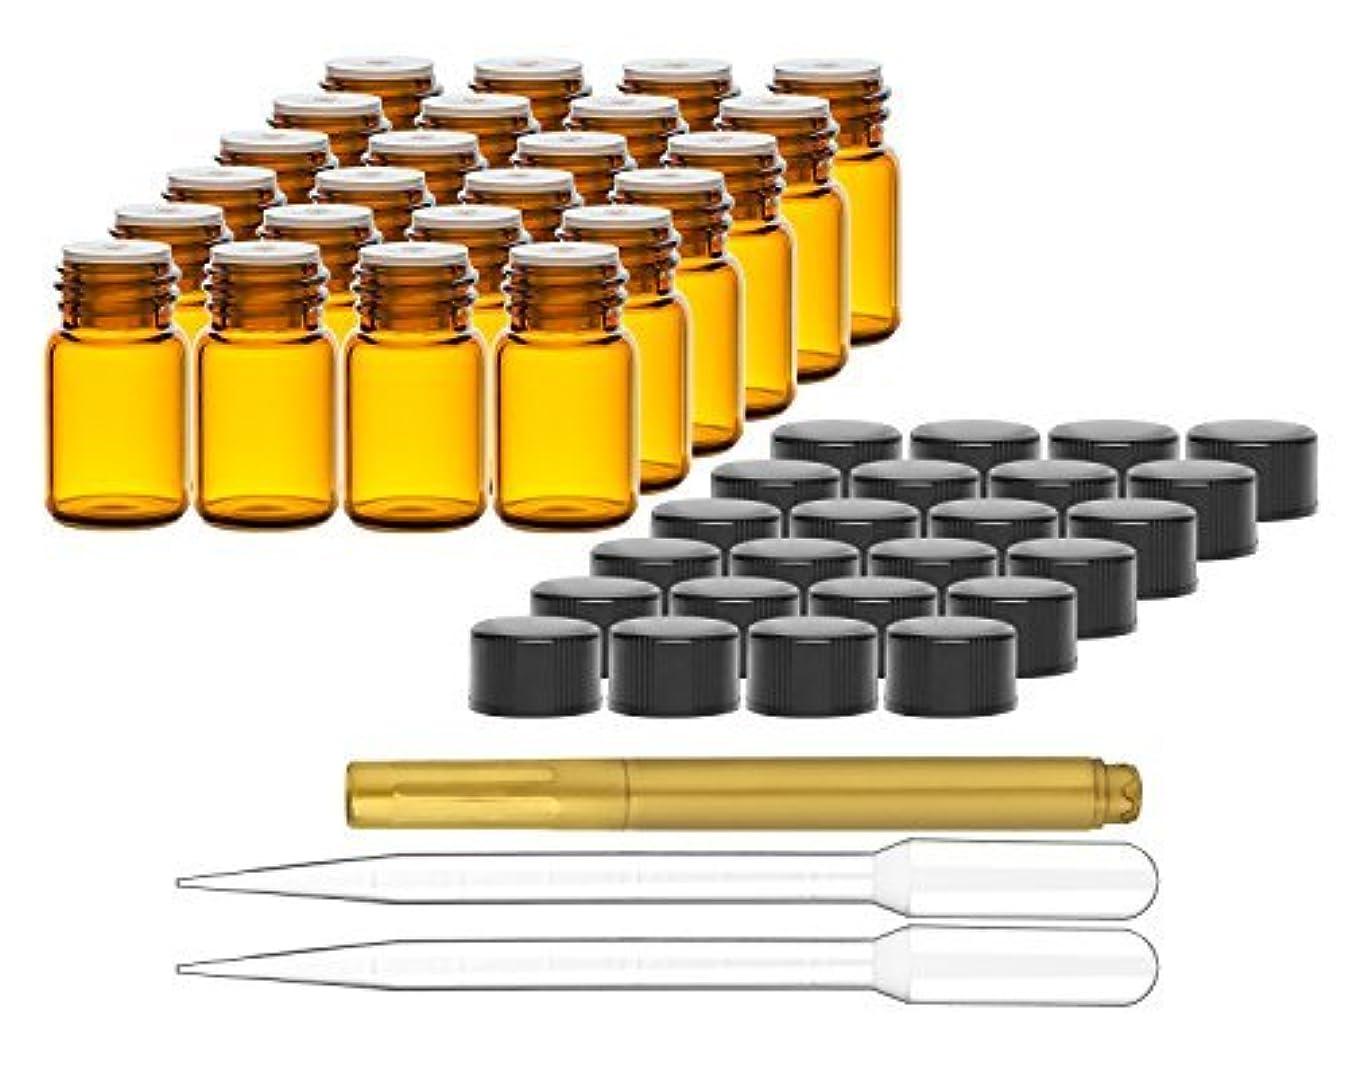 隔離する宇宙船準備ができてCulinaire 24 Pack Of 2 ml Amber Glass Bottles with Orifice Reducers and Black Caps & (2x) 3 ml Droppers with Gold...